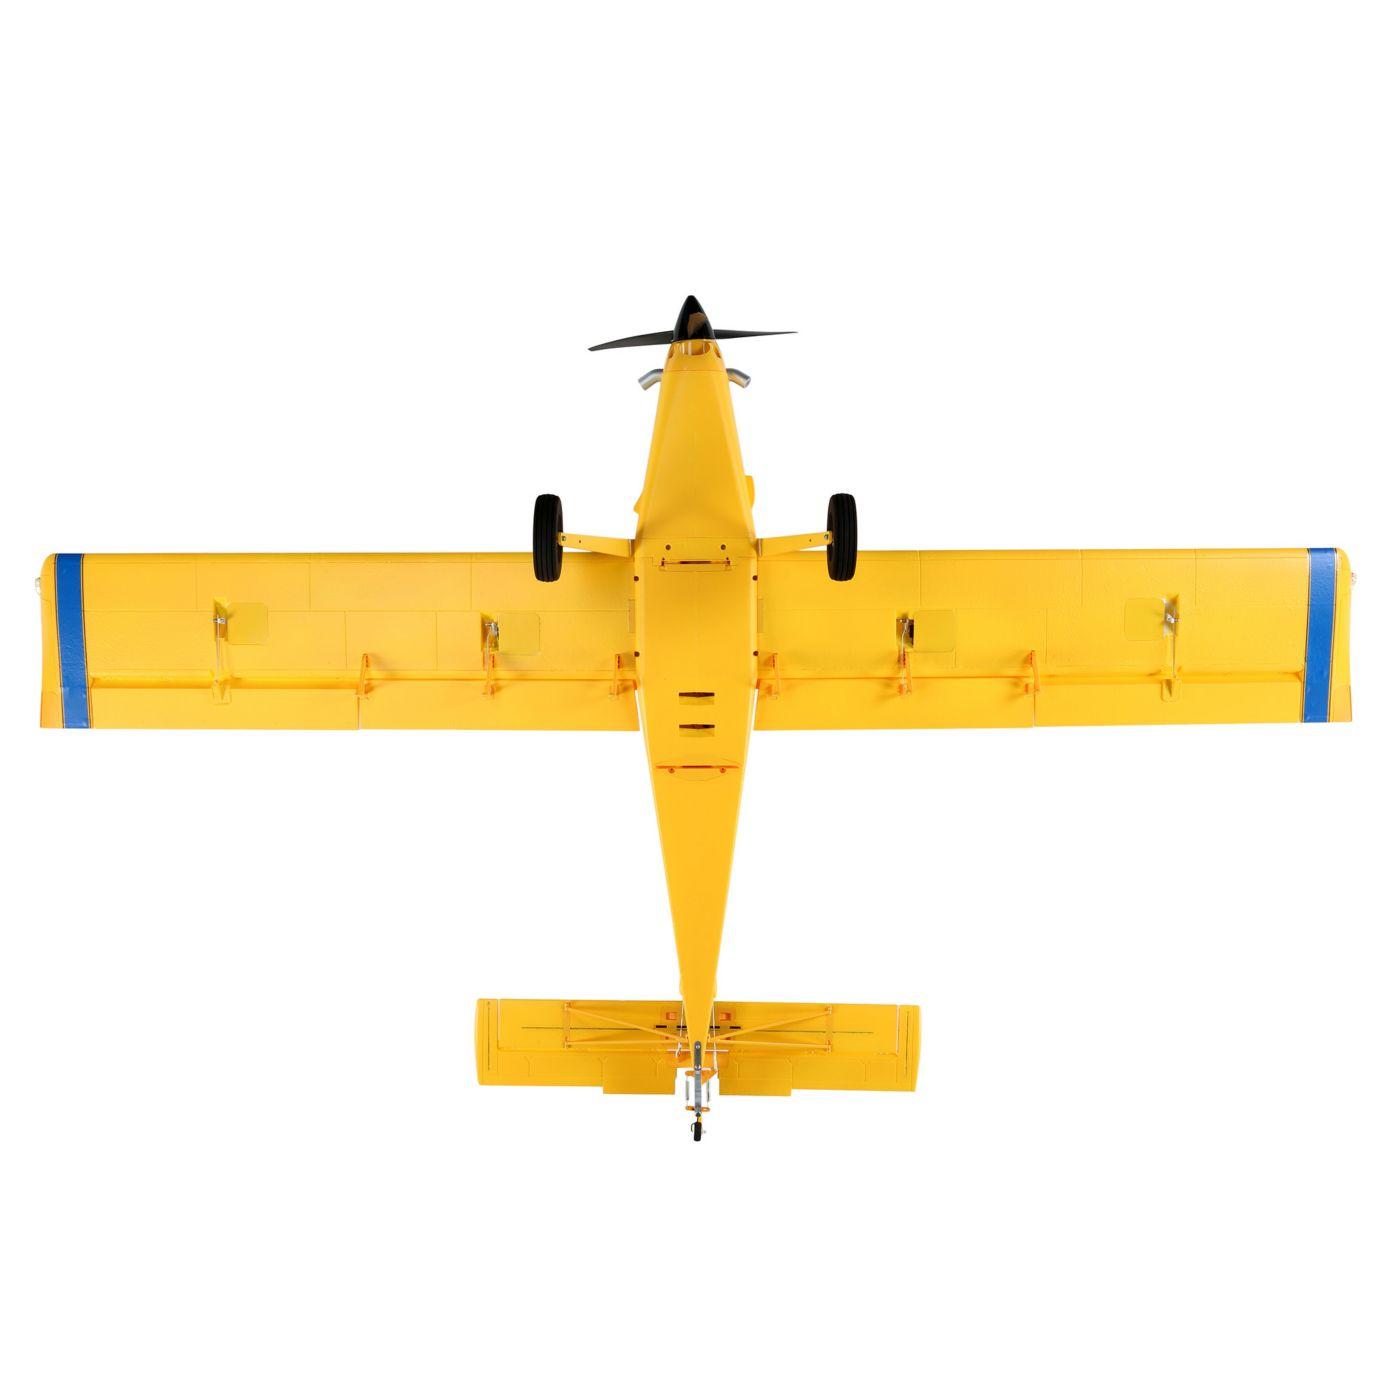 Air Tractor E-flite